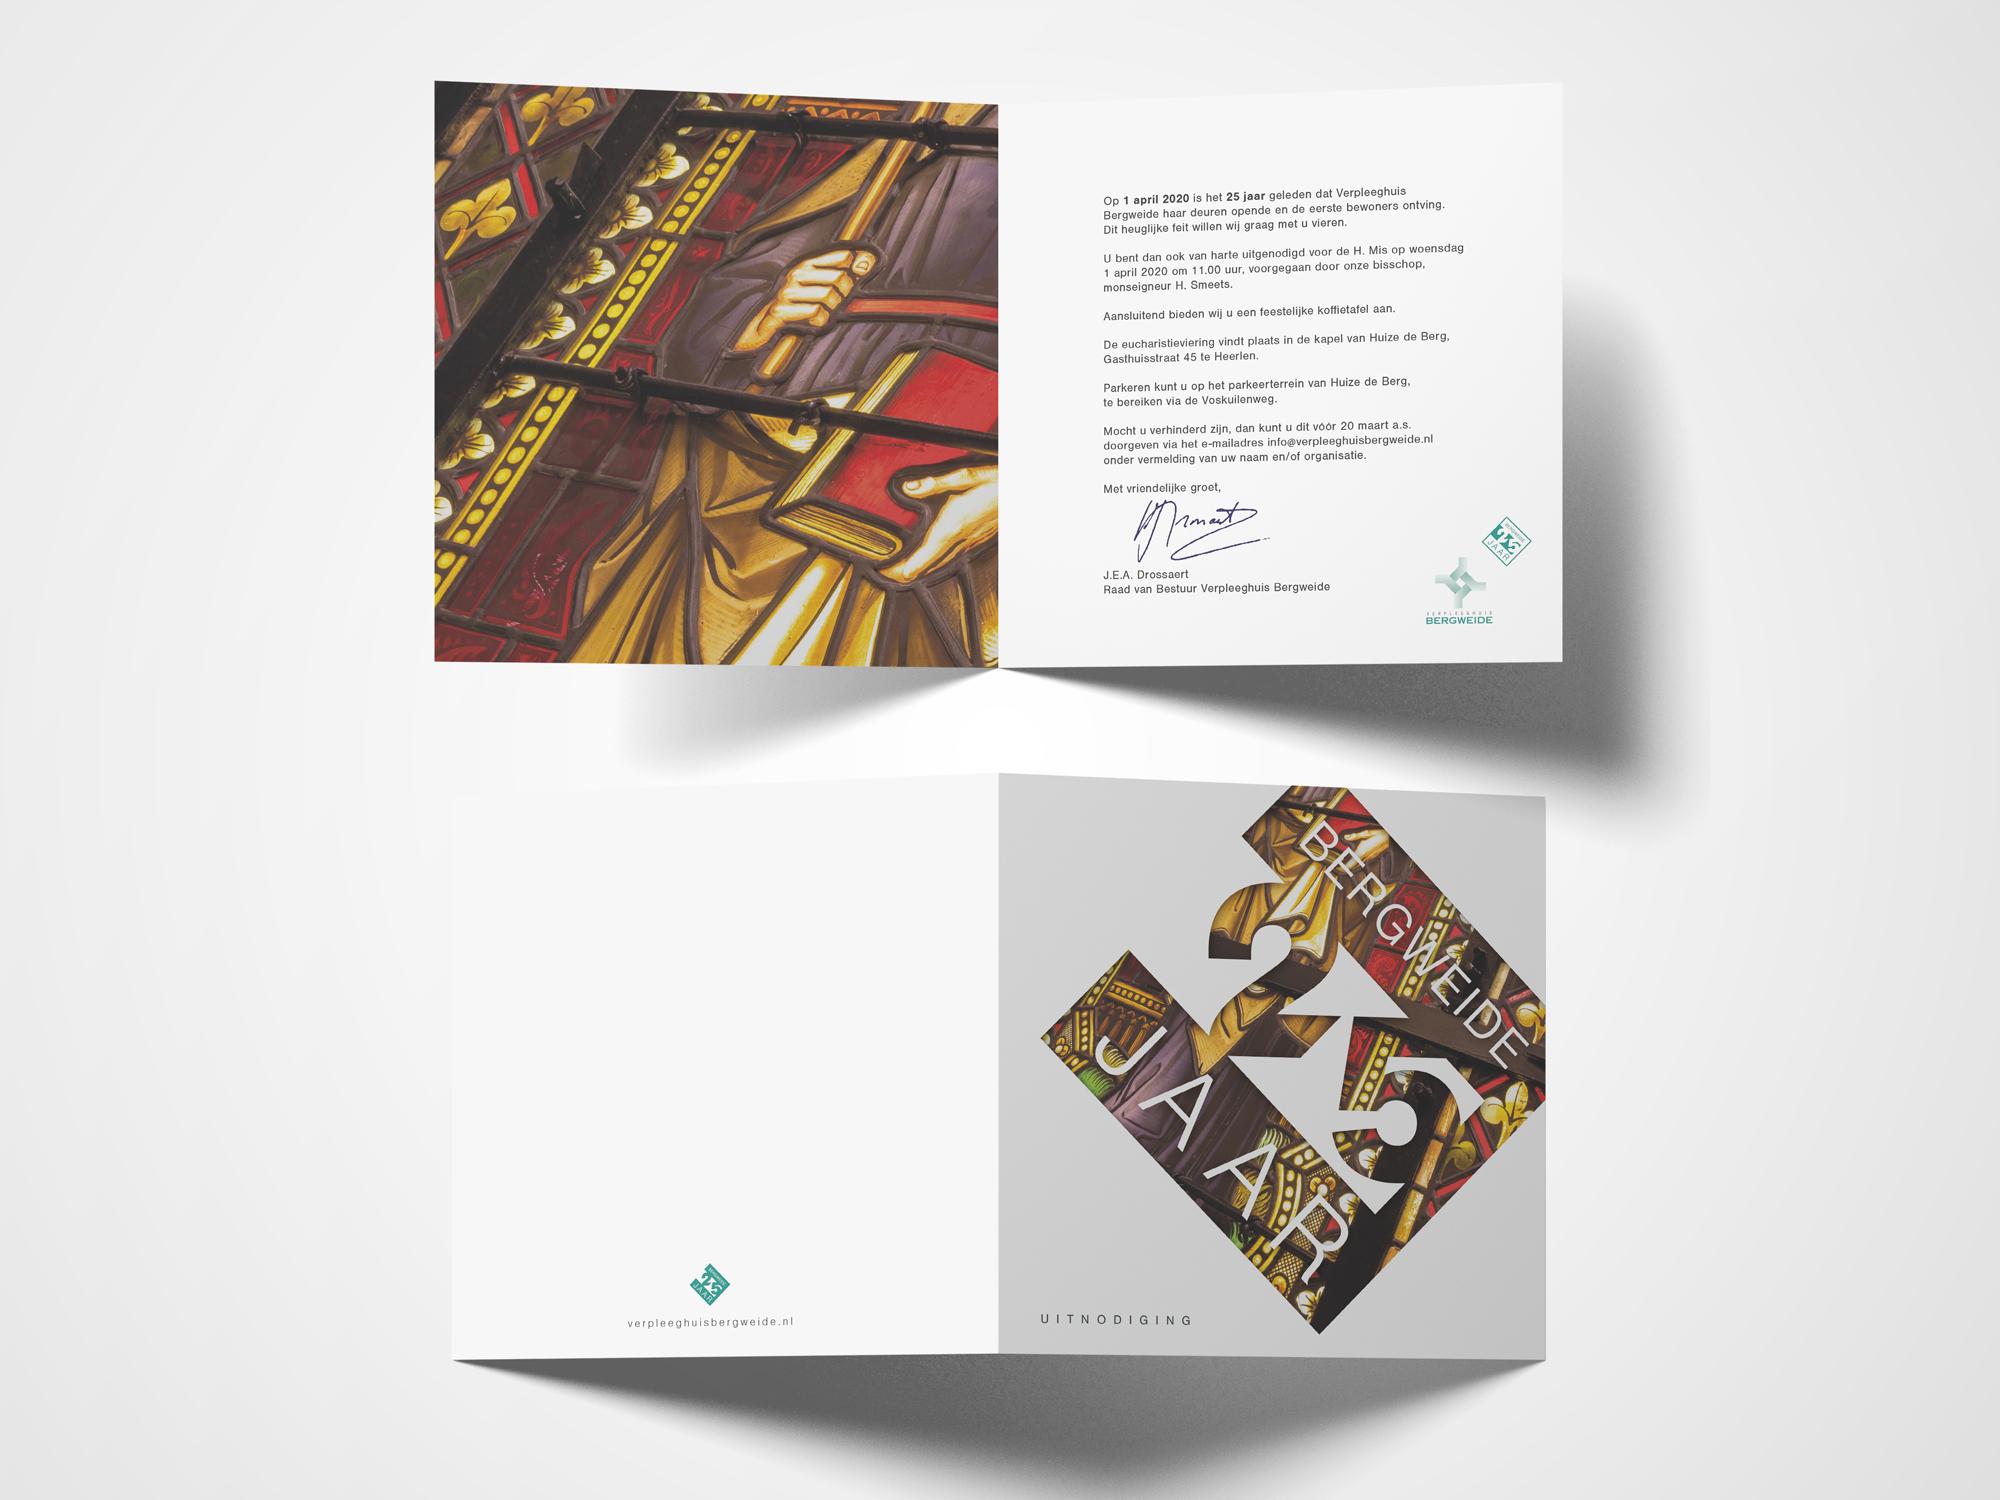 mk uitnodiging kaart vormgeving drukwerk